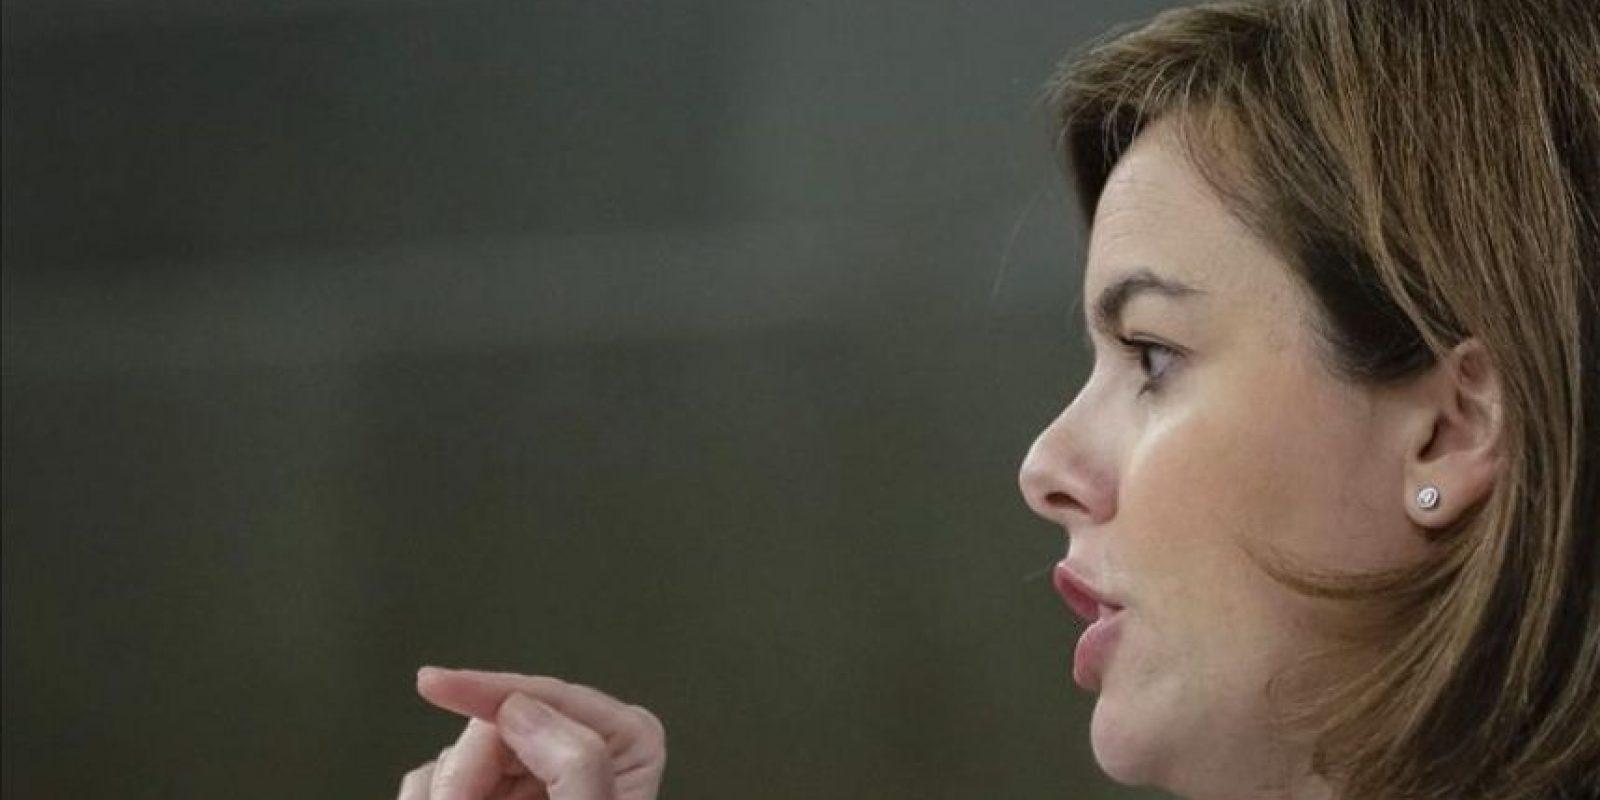 La vicepresidenta del Gobierno, Soraya Sáenz de Santamaría. EFE/Archivo